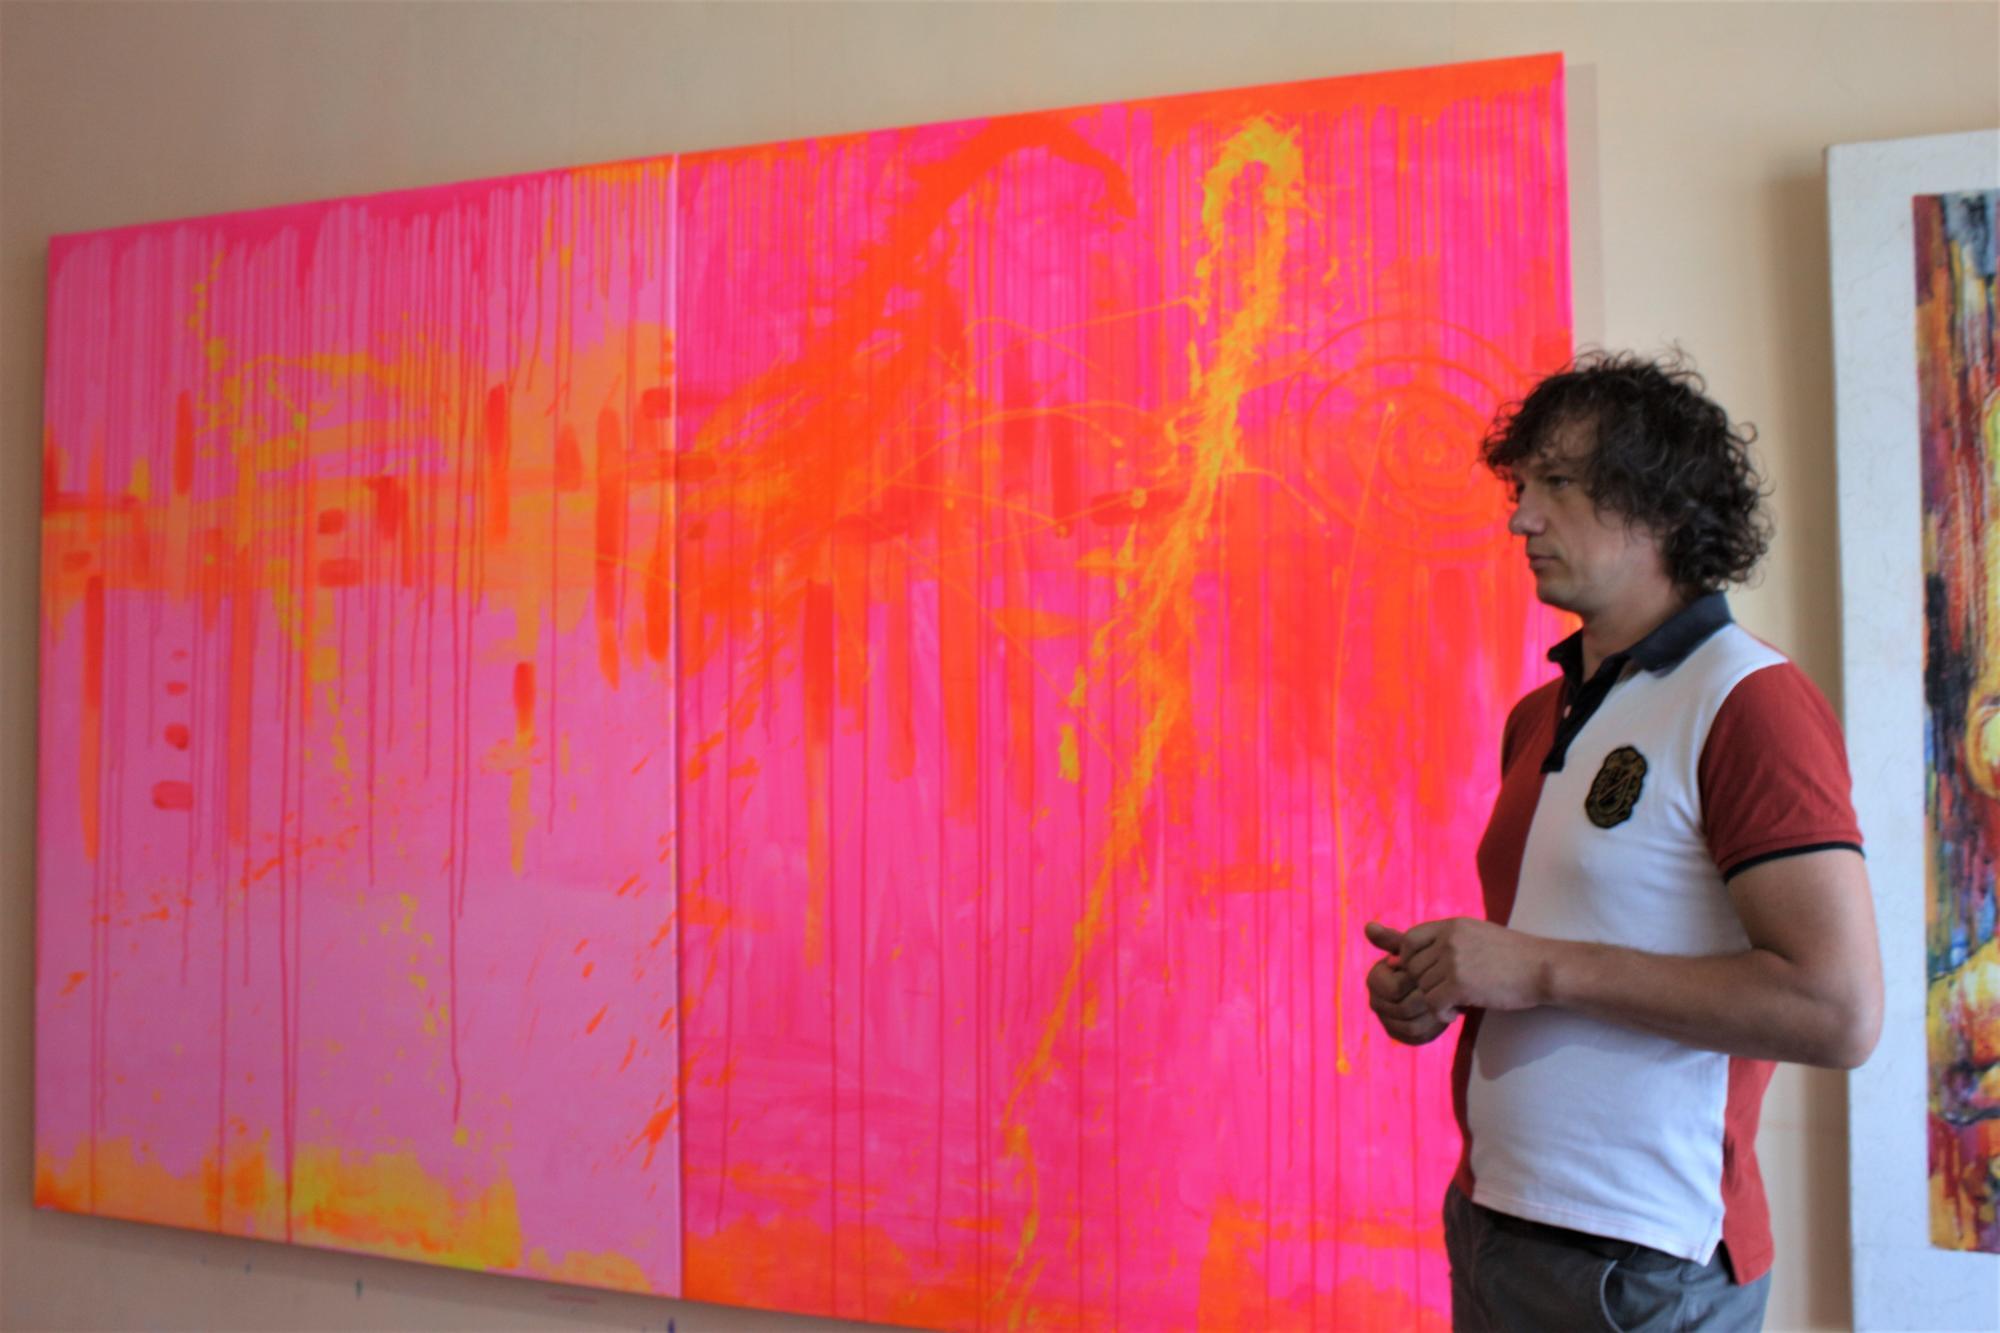 сучасне мистецтво Дмитра Адушкіна з Часів Яра тонка червона лінія арт-резиденція в Бахмуті